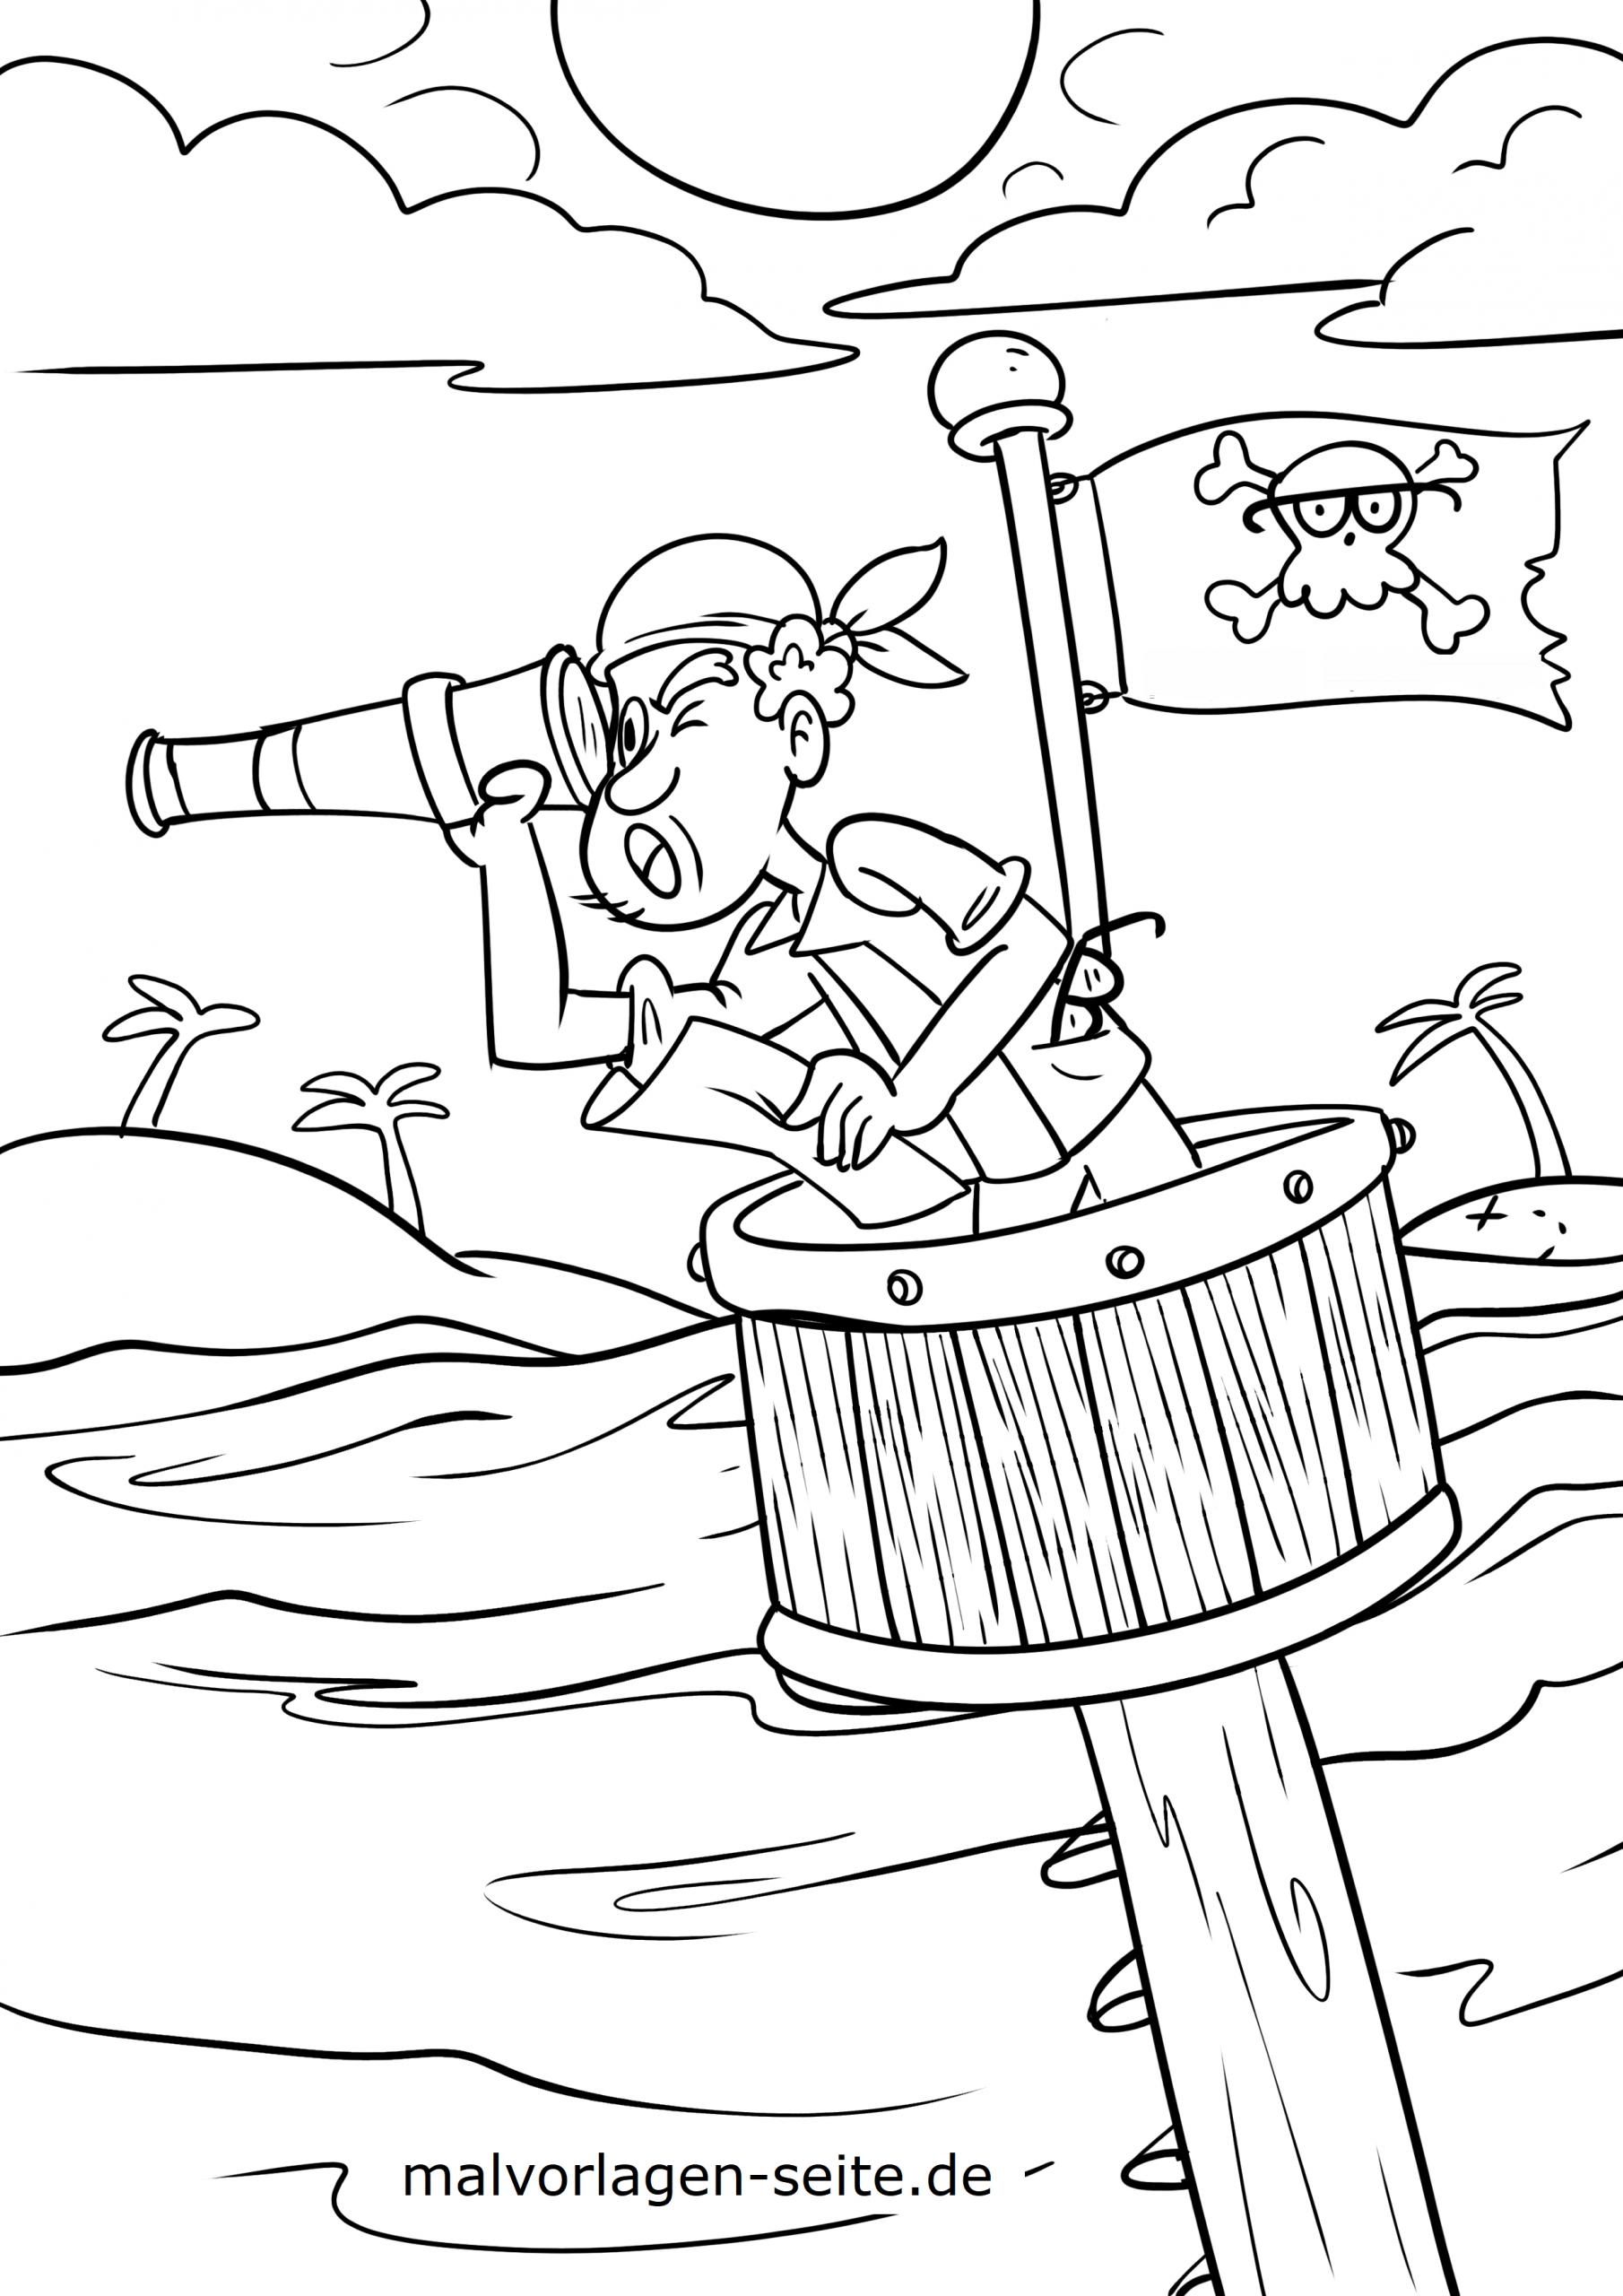 Malvorlage Pirat / Piraten - Ausmalbilder Kostenlos innen Malvorlagen Piraten